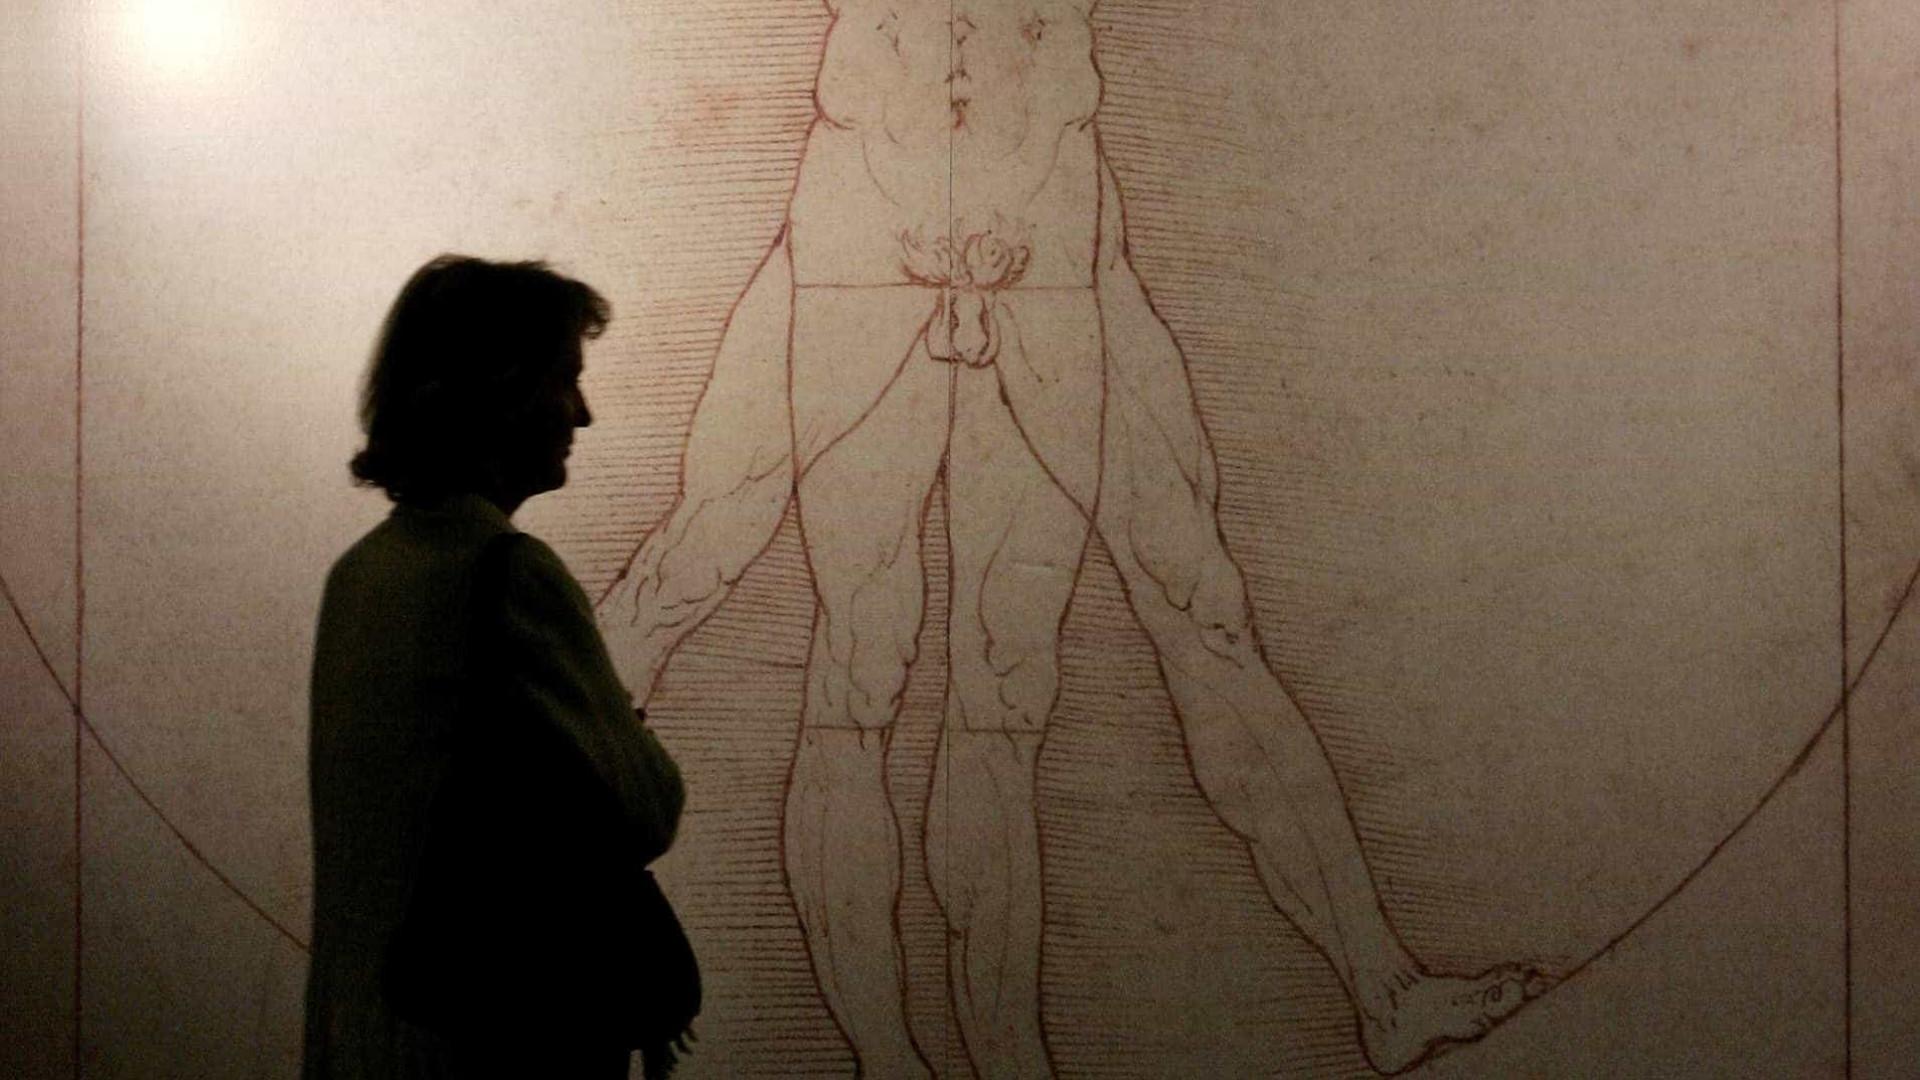 Da Vinci pode ter criado 'Homem Vitruviano' em equipe